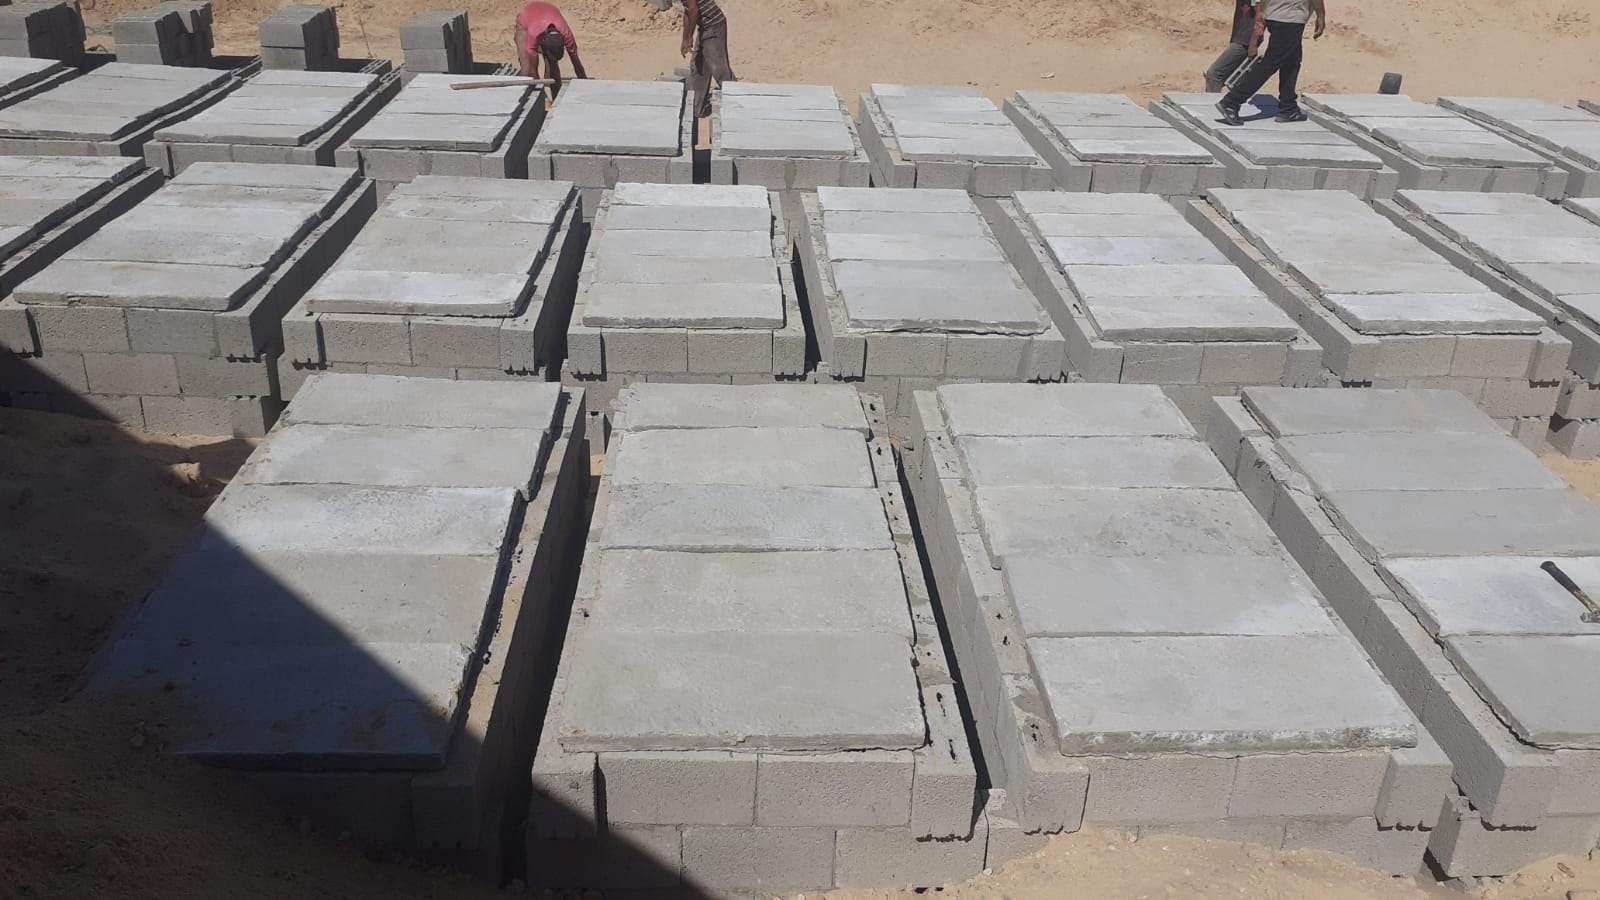 أوقاف غزة تشرع بتنفيذ مشروع بناء 800 قبر جديد شمال وشرق القطاع